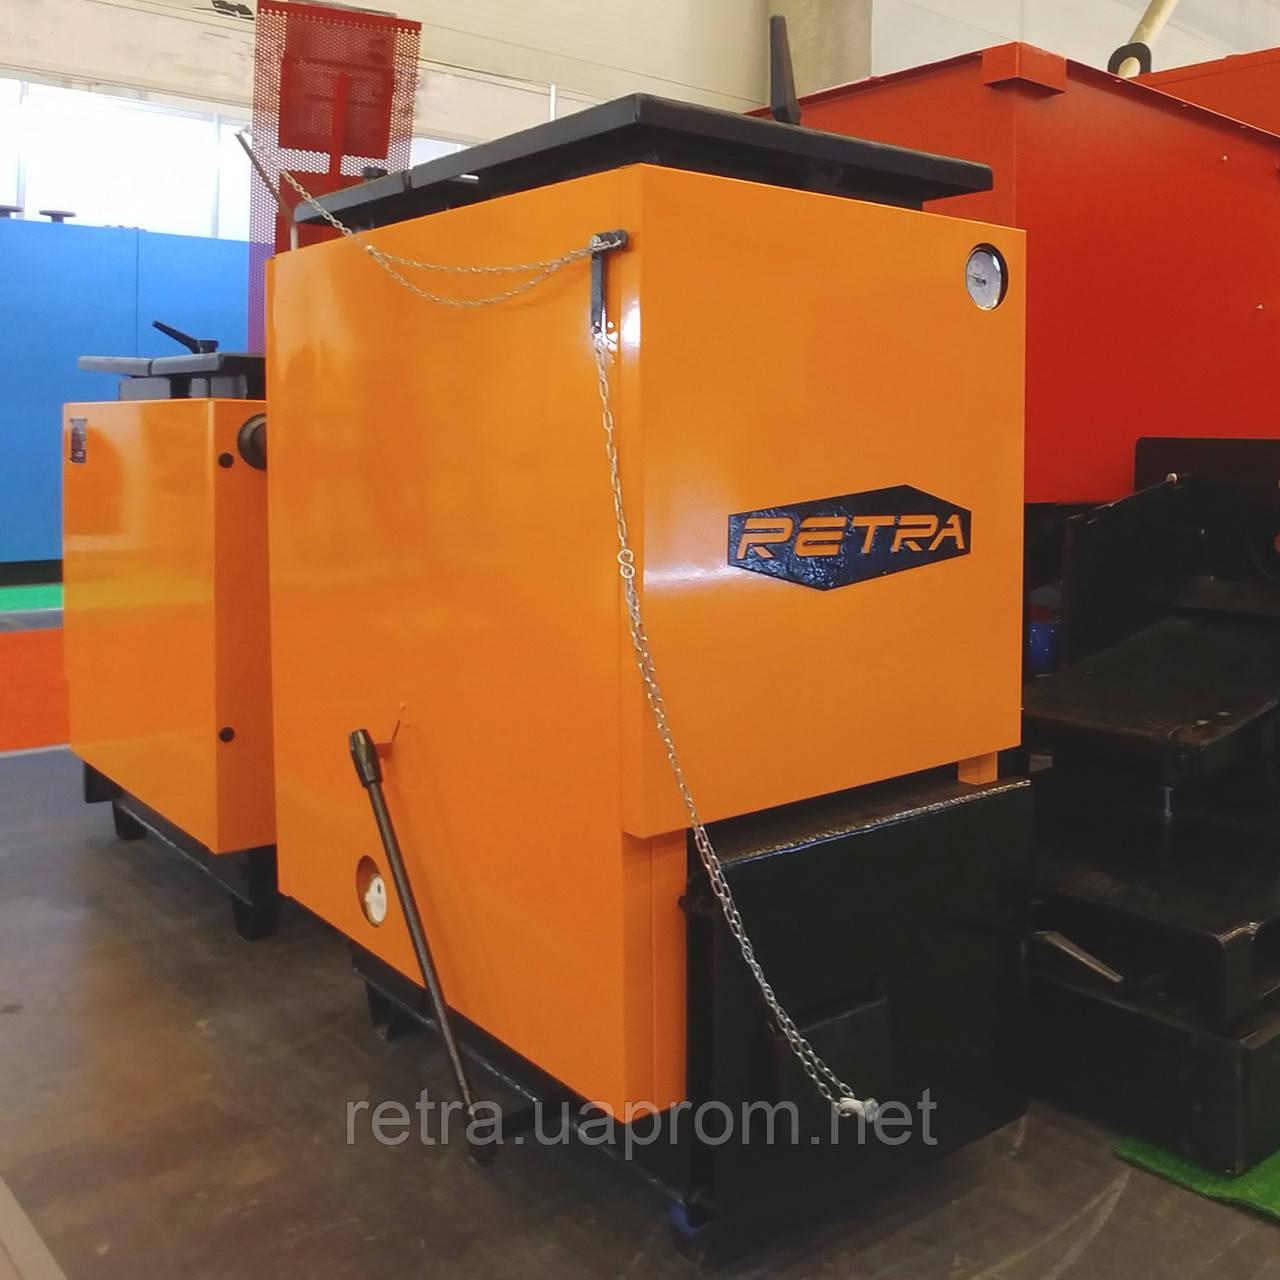 Котел твердотопливный Ретра-6М Comfort 32 кВт шахтный длительного горения